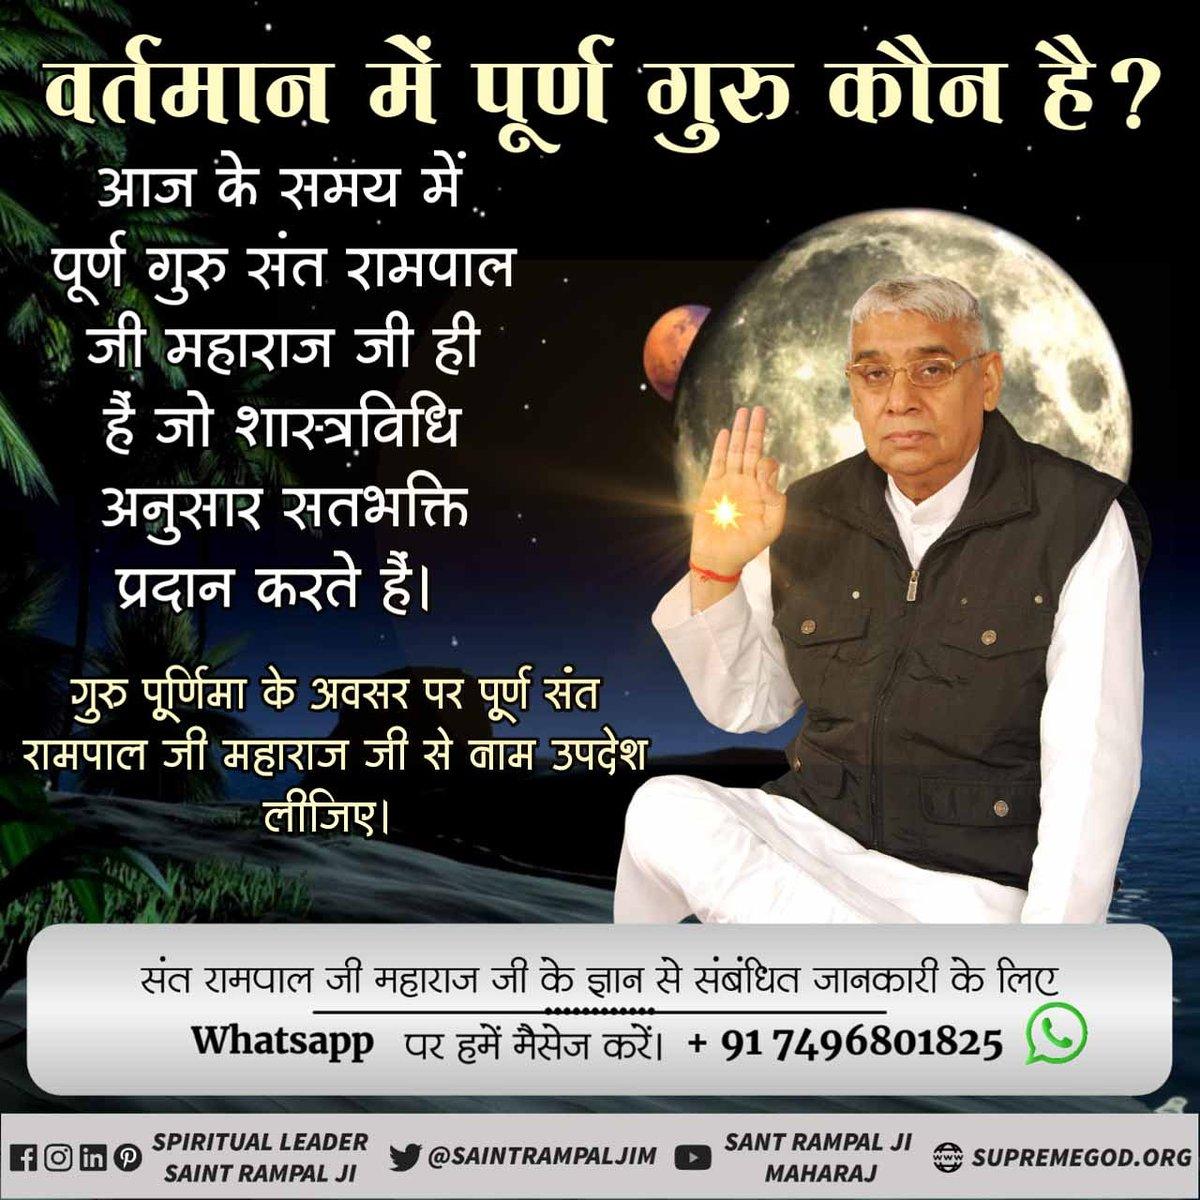 #TrueSatguru_SaintRampalJi  पूर्ण गुरु वह है जो ऐसी भक्ति साधना बताते हैं को शास्त्र अनुसार होती है। शास्त्रानुसार भक्ति केवल संत रामपाल जी महाराज के पास हैं। शास्त्रानुसार भक्ति साधना तथा सत ज्ञान प्राप्त करने के लिए Satlok Ashram Youtube Channel पर Visit करें | https://t.co/Ccw3SrM8ID